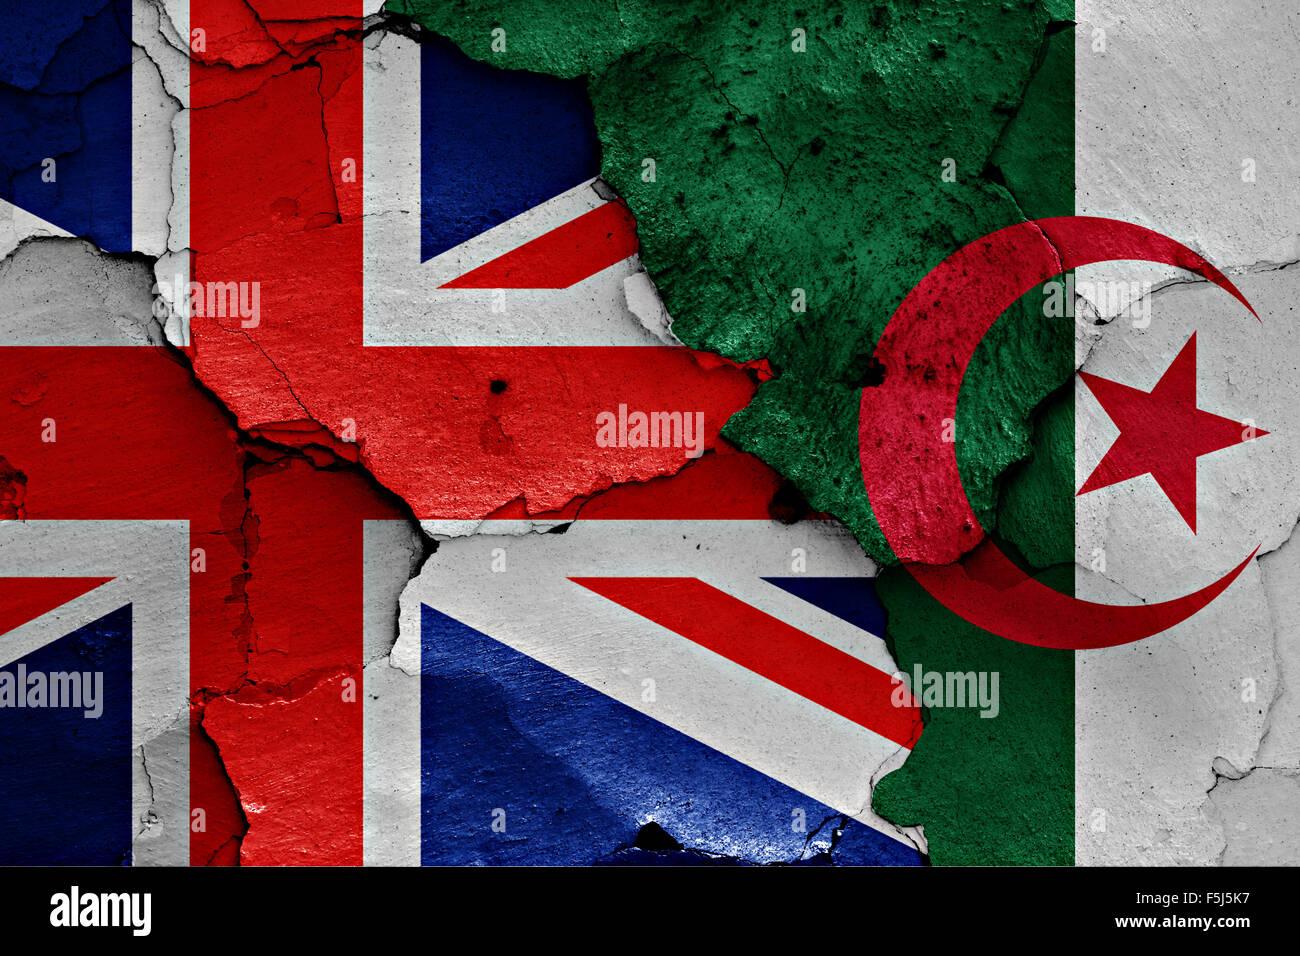 Pavillon du Royaume-Uni et l'Algérie peint sur mur fissuré Photo Stock